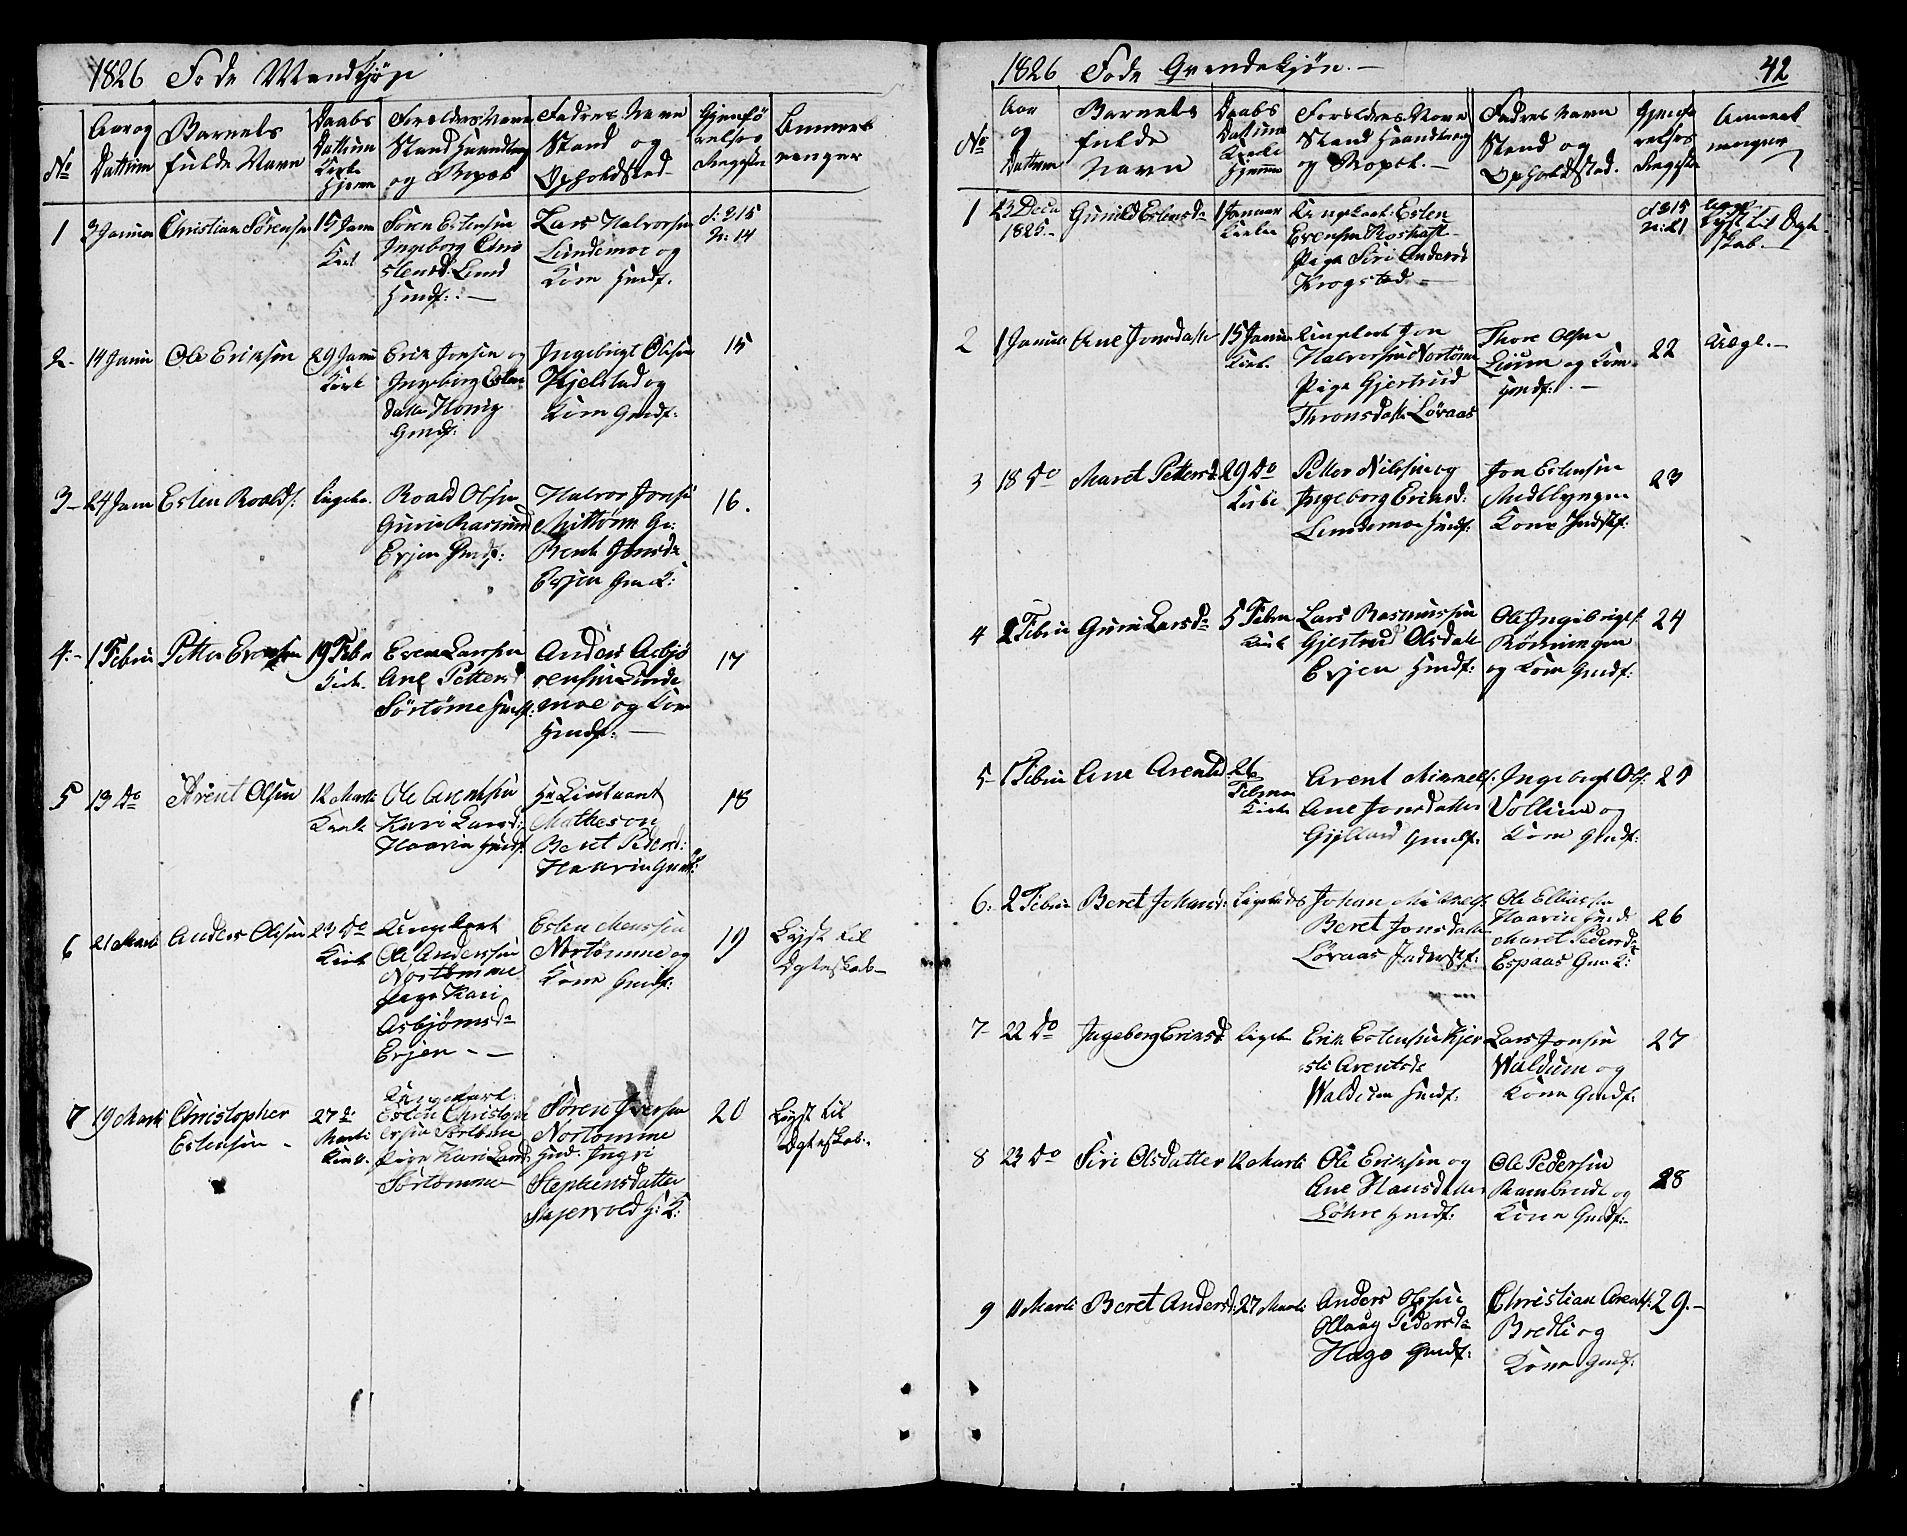 SAT, Ministerialprotokoller, klokkerbøker og fødselsregistre - Sør-Trøndelag, 692/L1108: Klokkerbok nr. 692C03, 1816-1833, s. 42